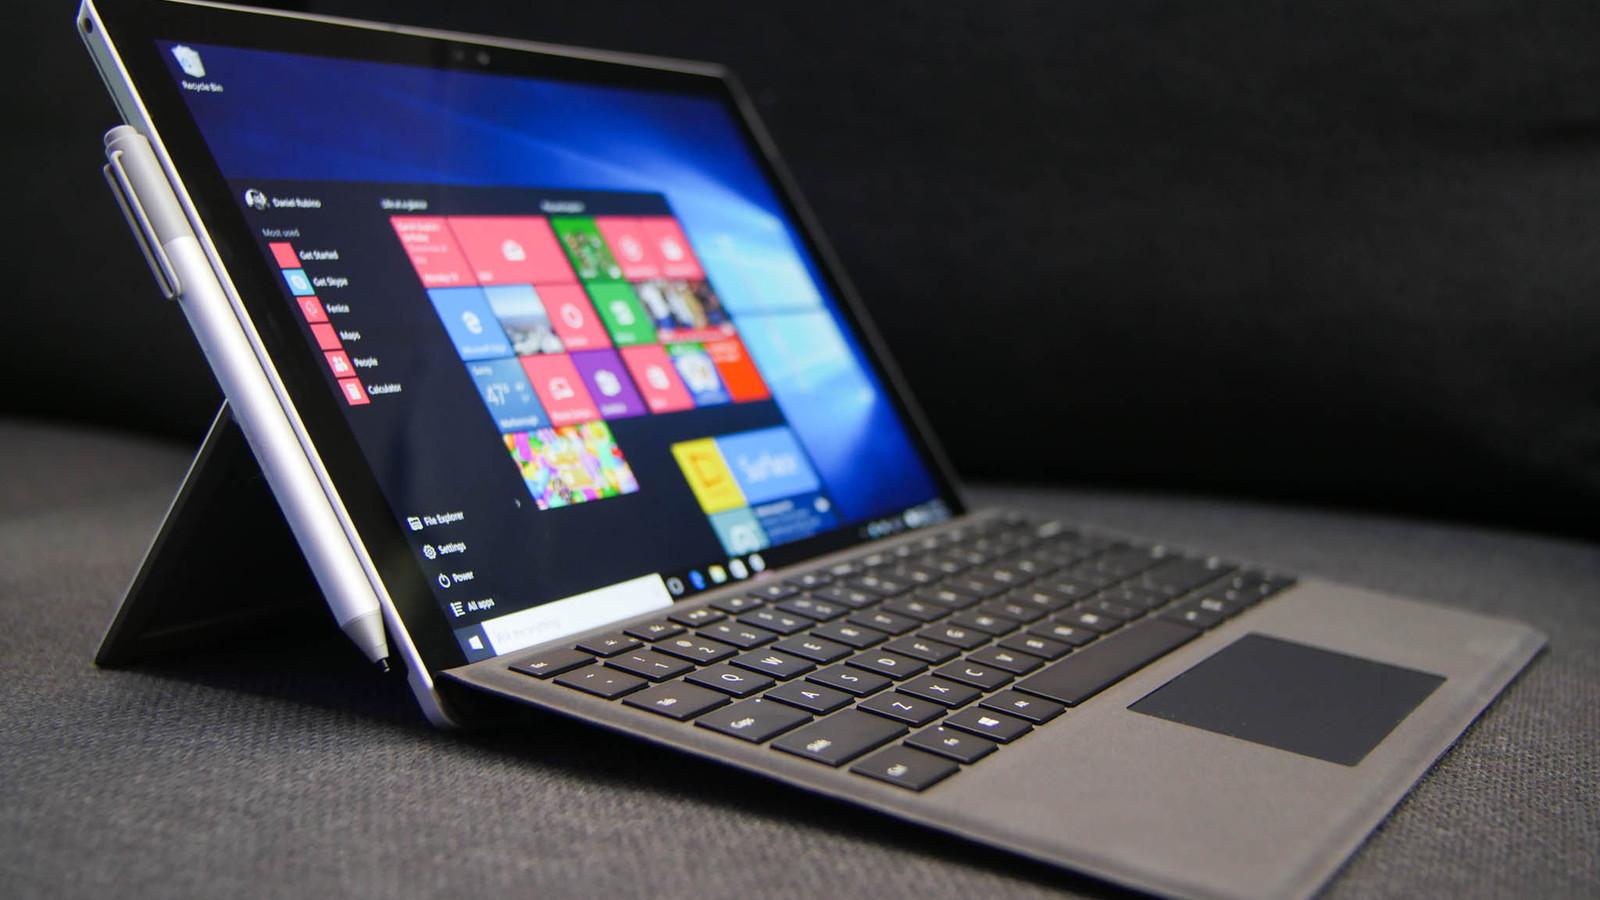 مایکروسافت  Surface Book و Surface Pro 4 یک ترابایتی را روانه بازار کرد